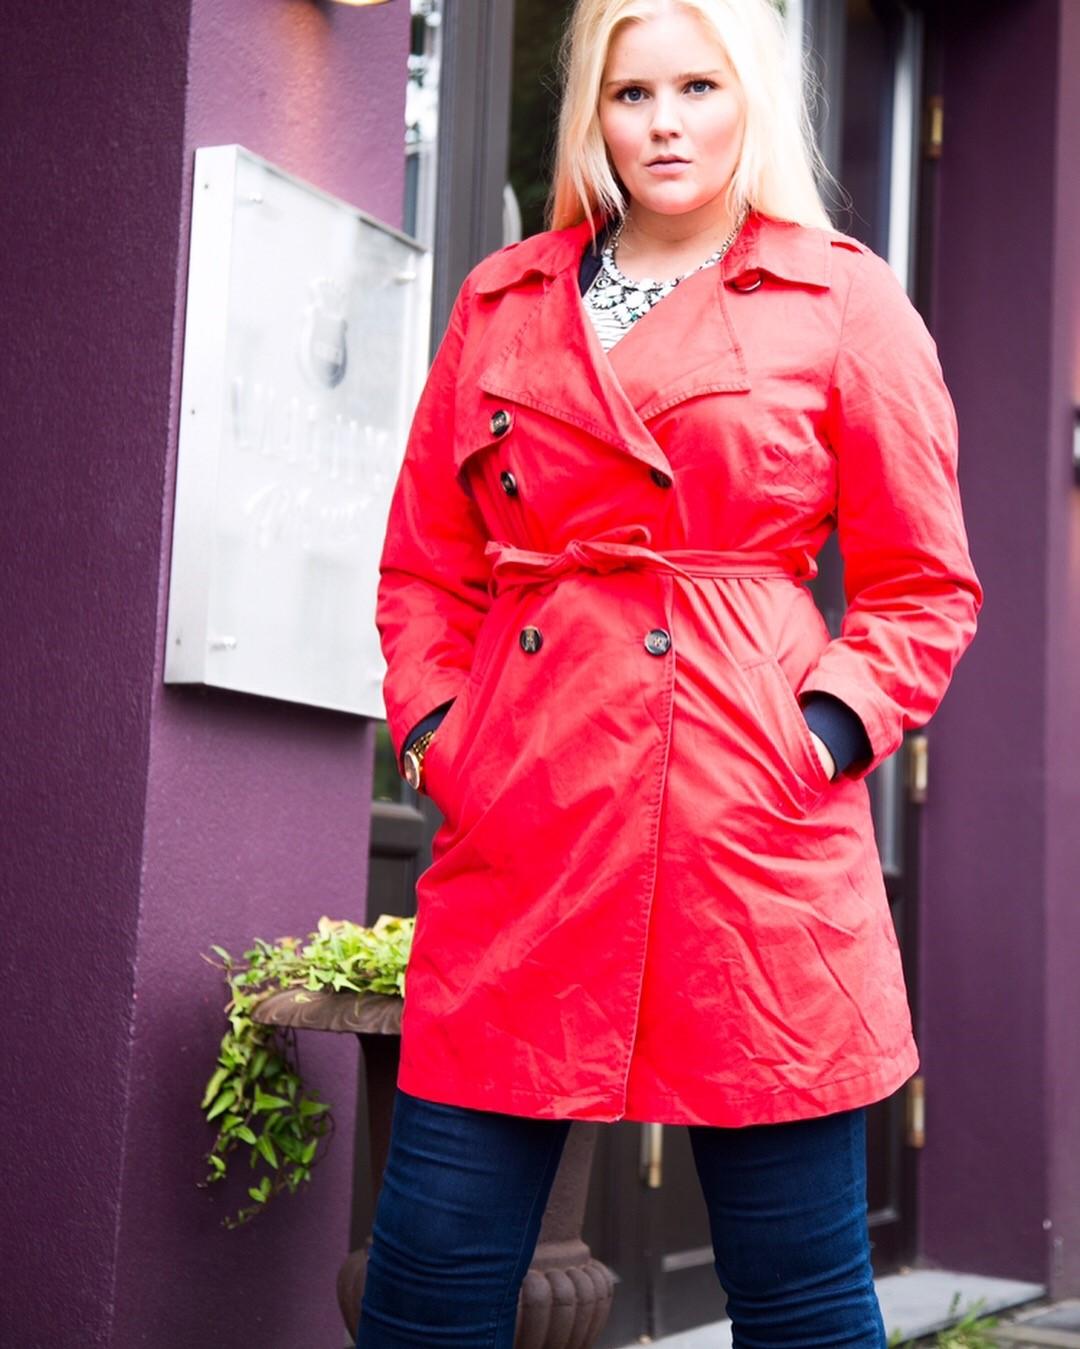 Bloggerin Anni